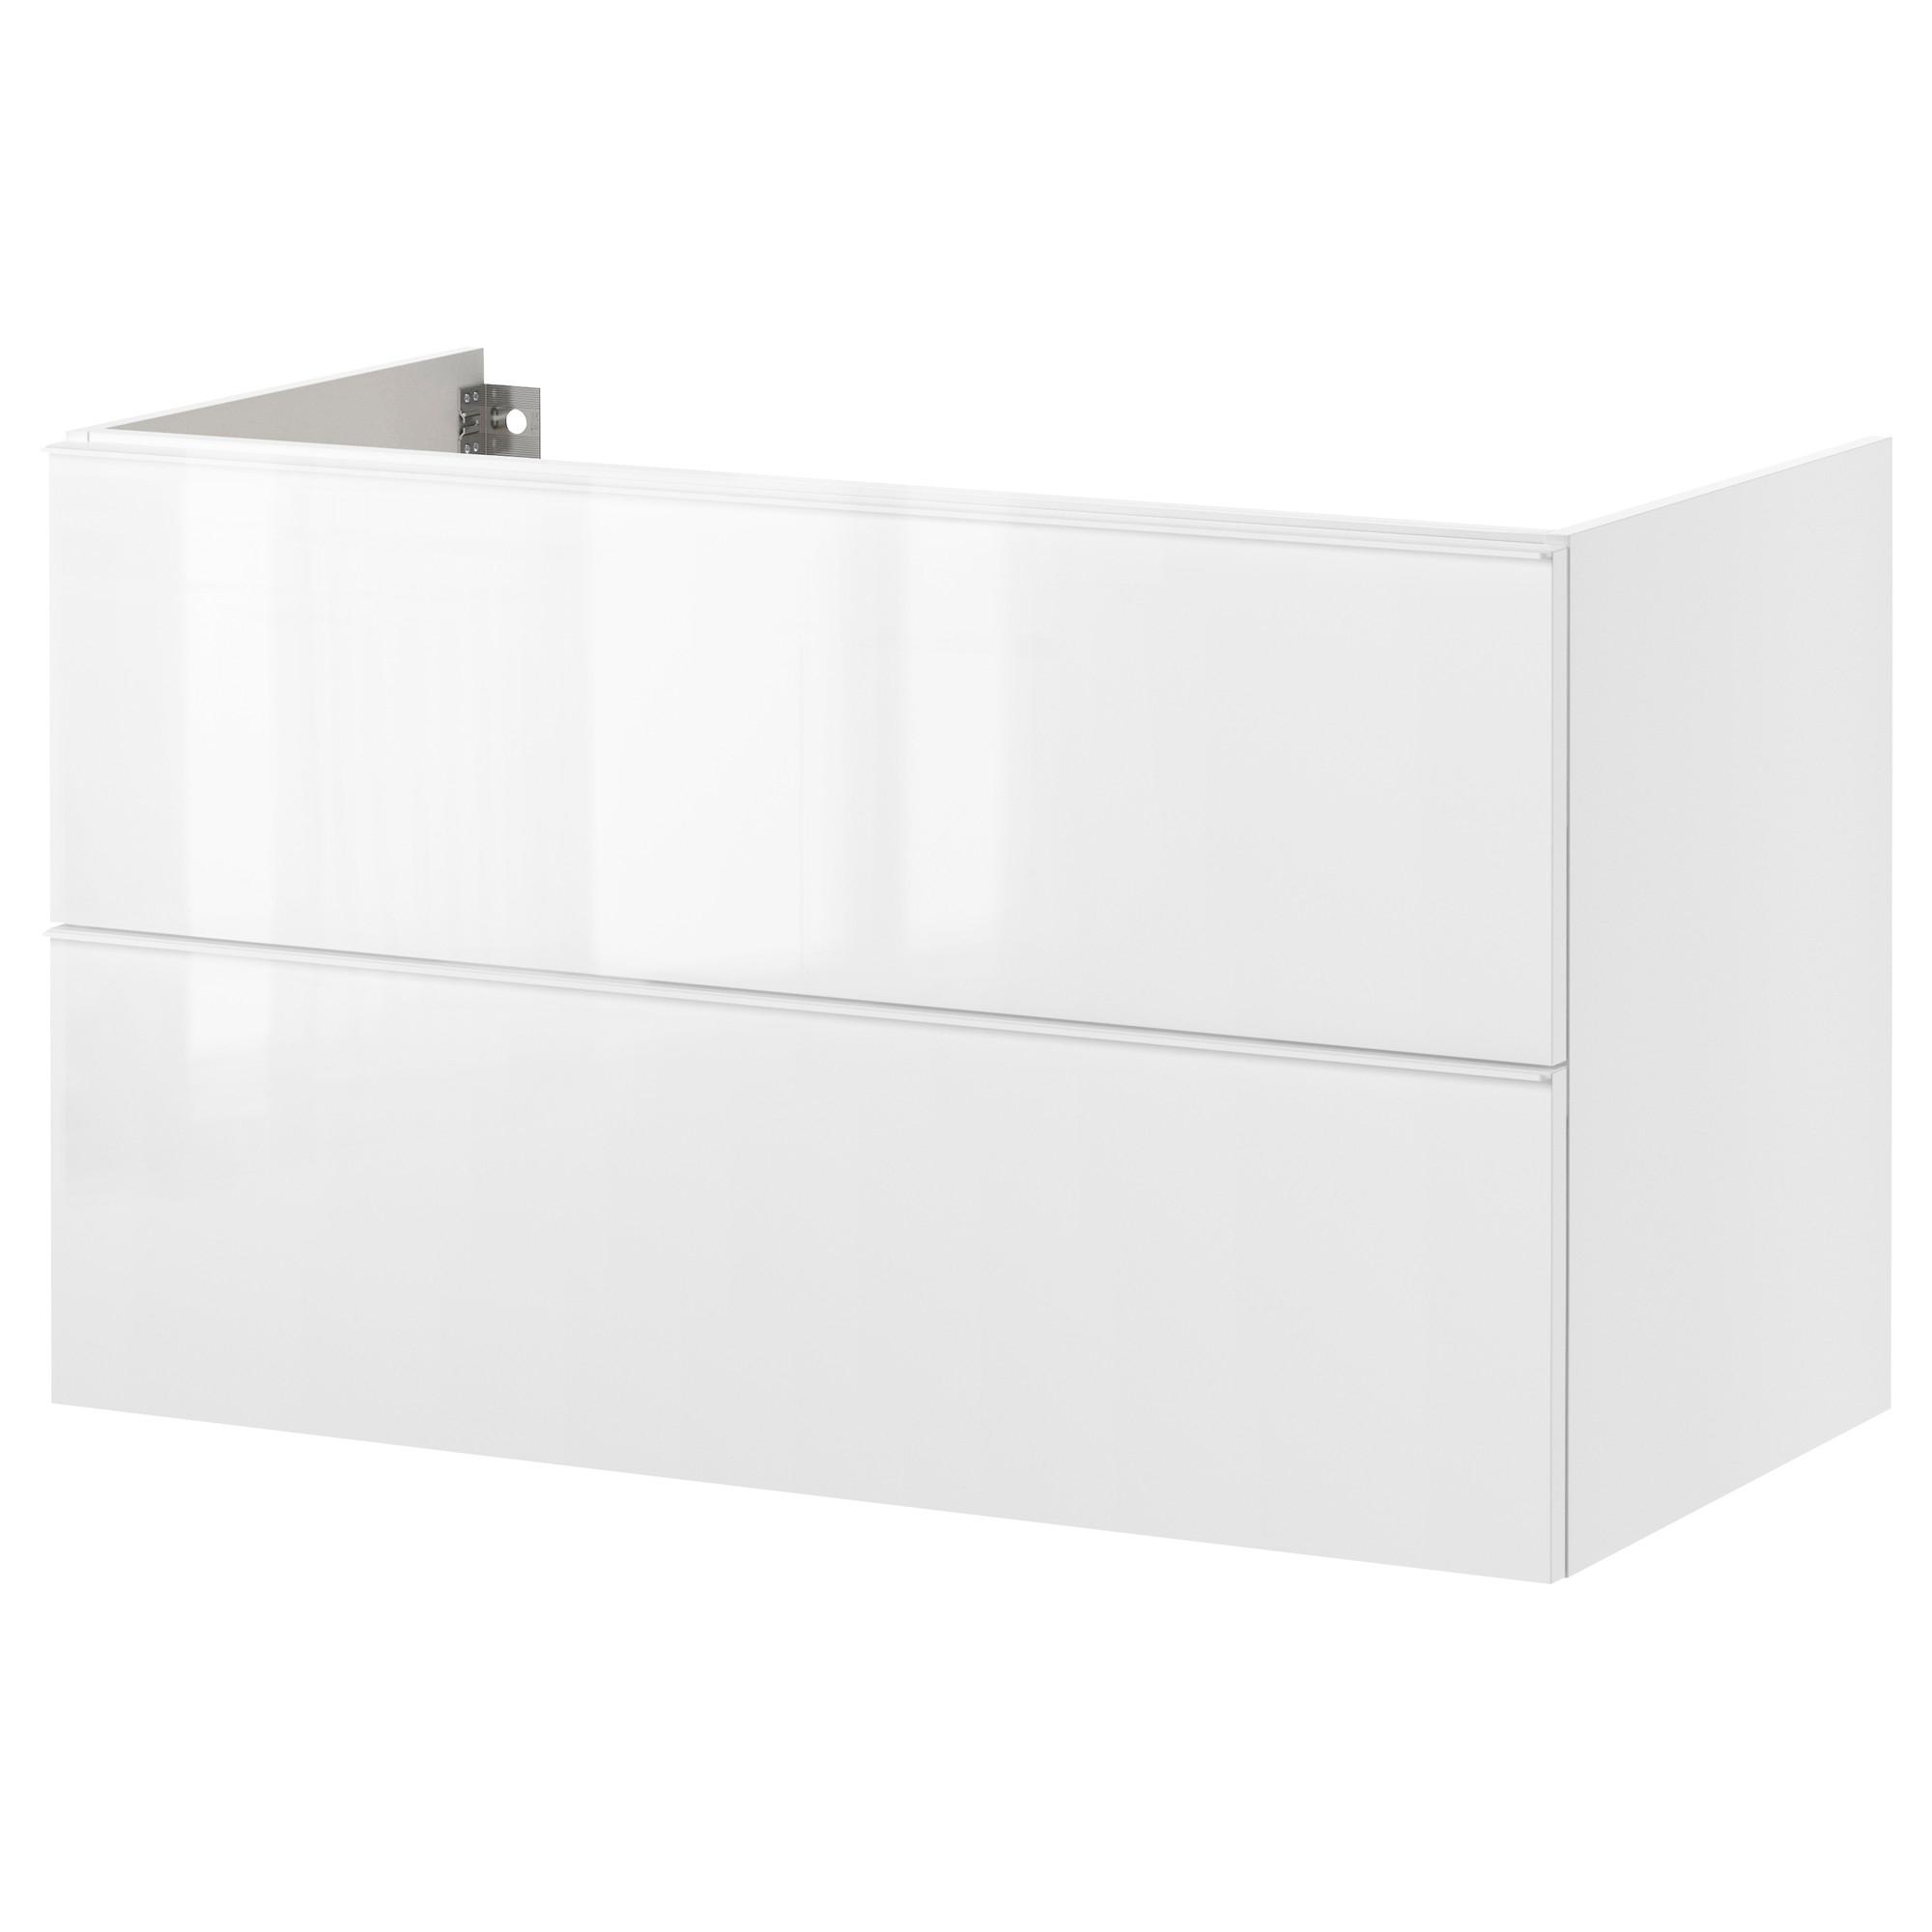 Godmorgon armario lavabo 2 cajones 80 blanco - Armario lavabo ikea ...